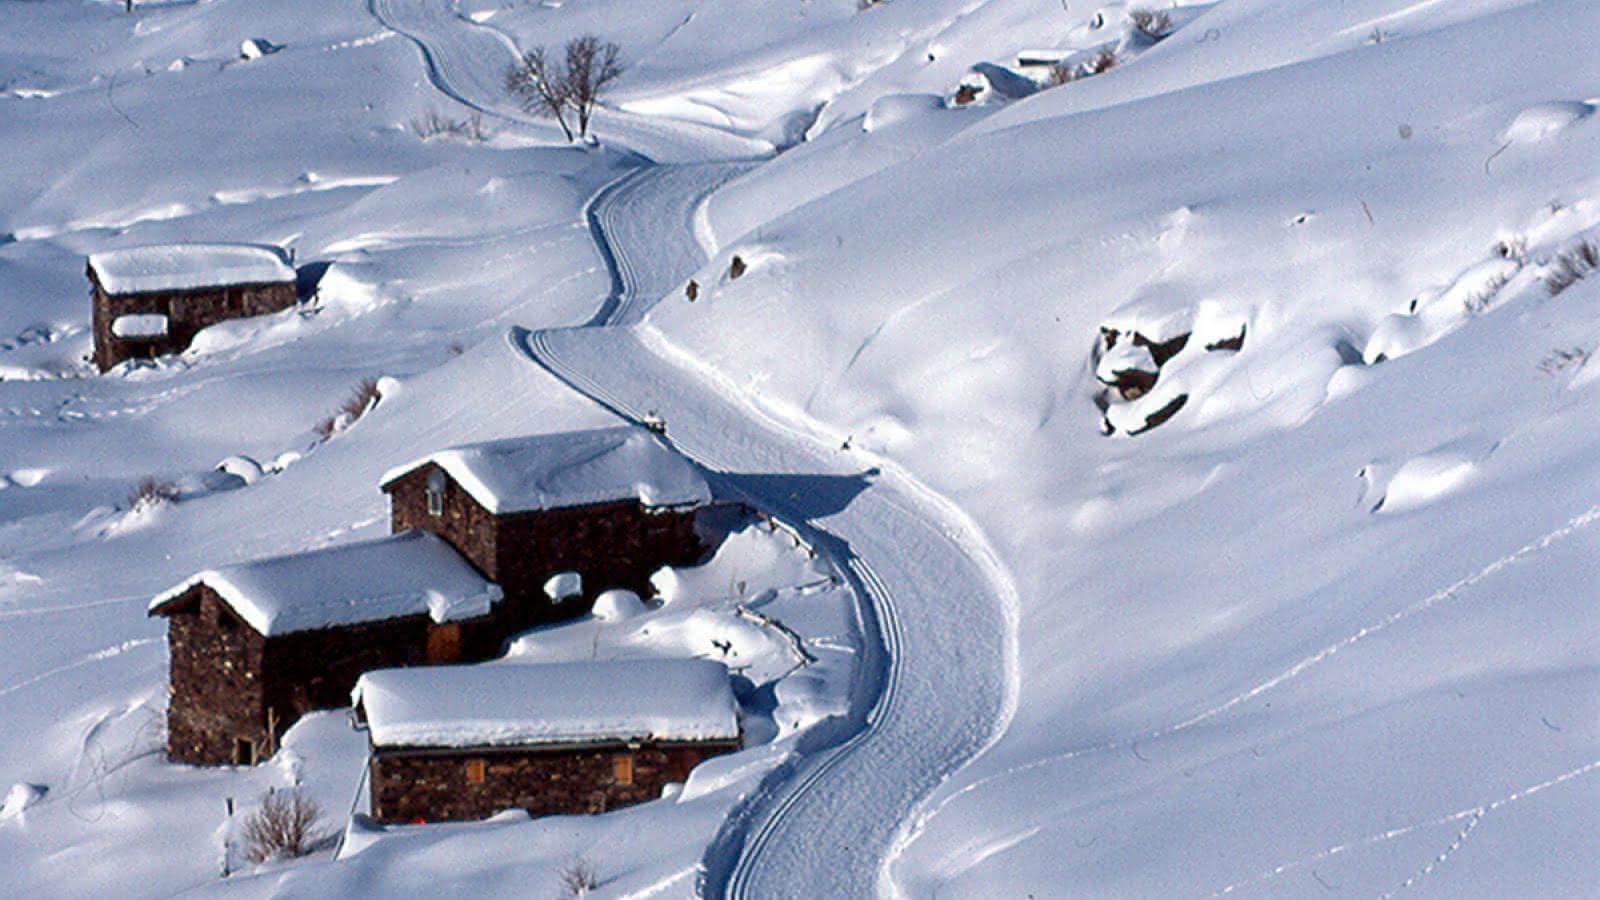 Les Menuires/Saint Martin de Belleville - Ski de fond